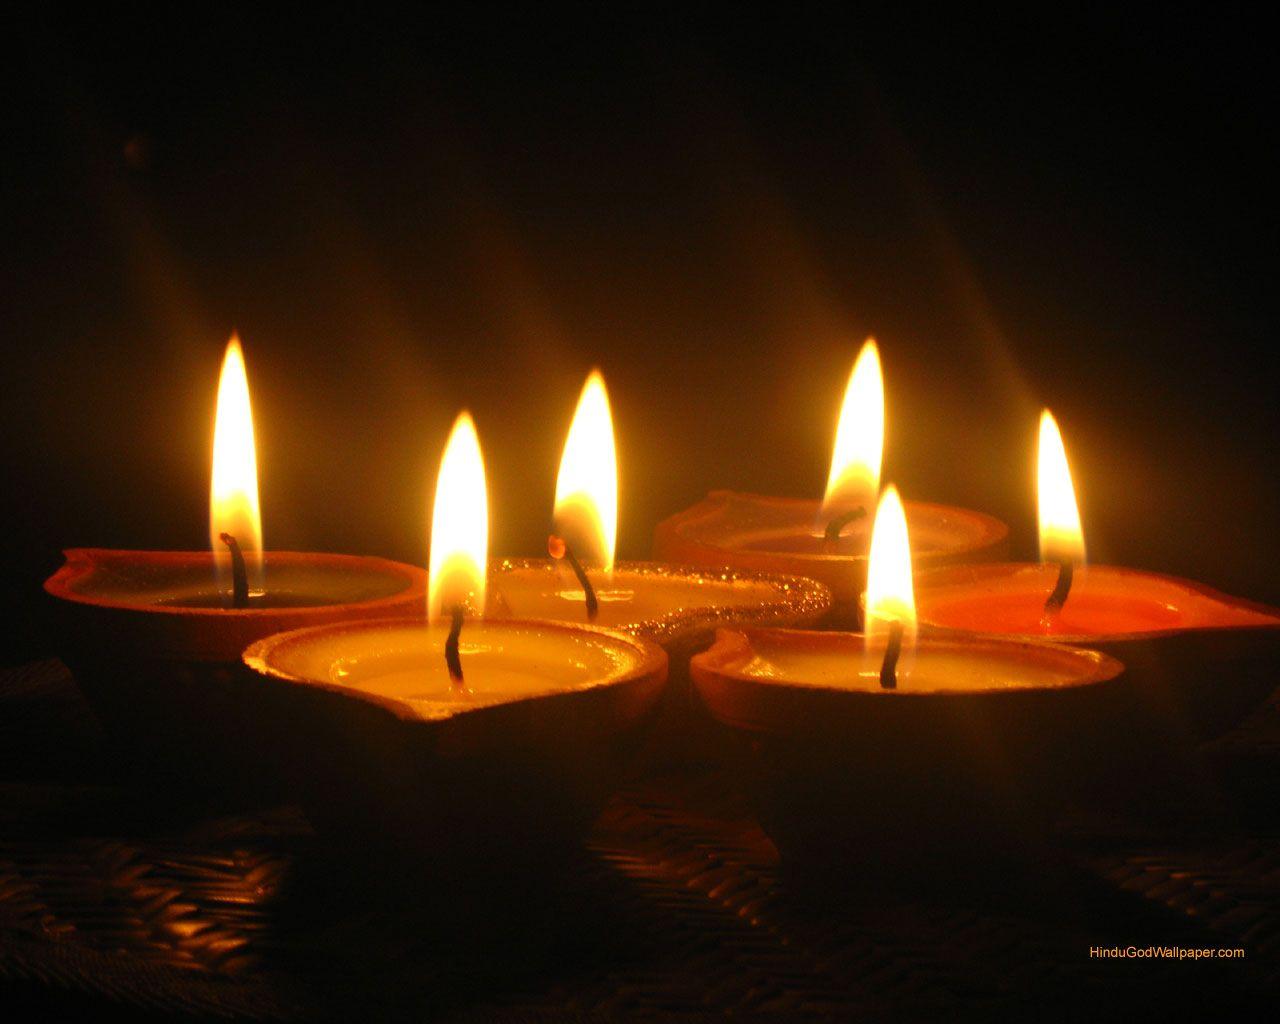 Diwali Diya Background Free Download